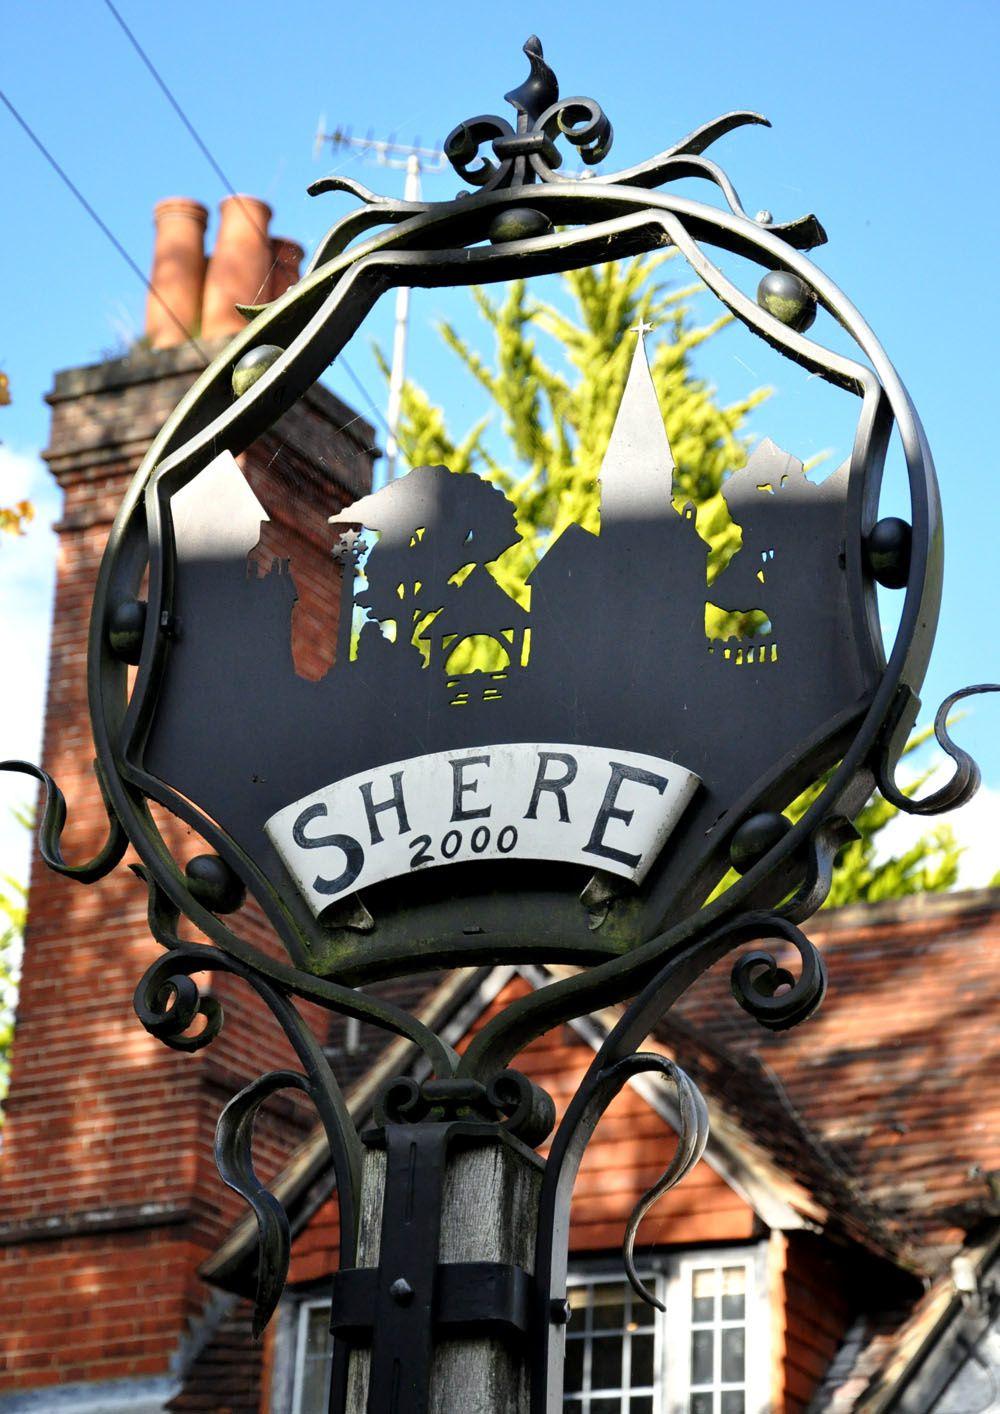 Week-end en Angleterre 2017... Shere (1)